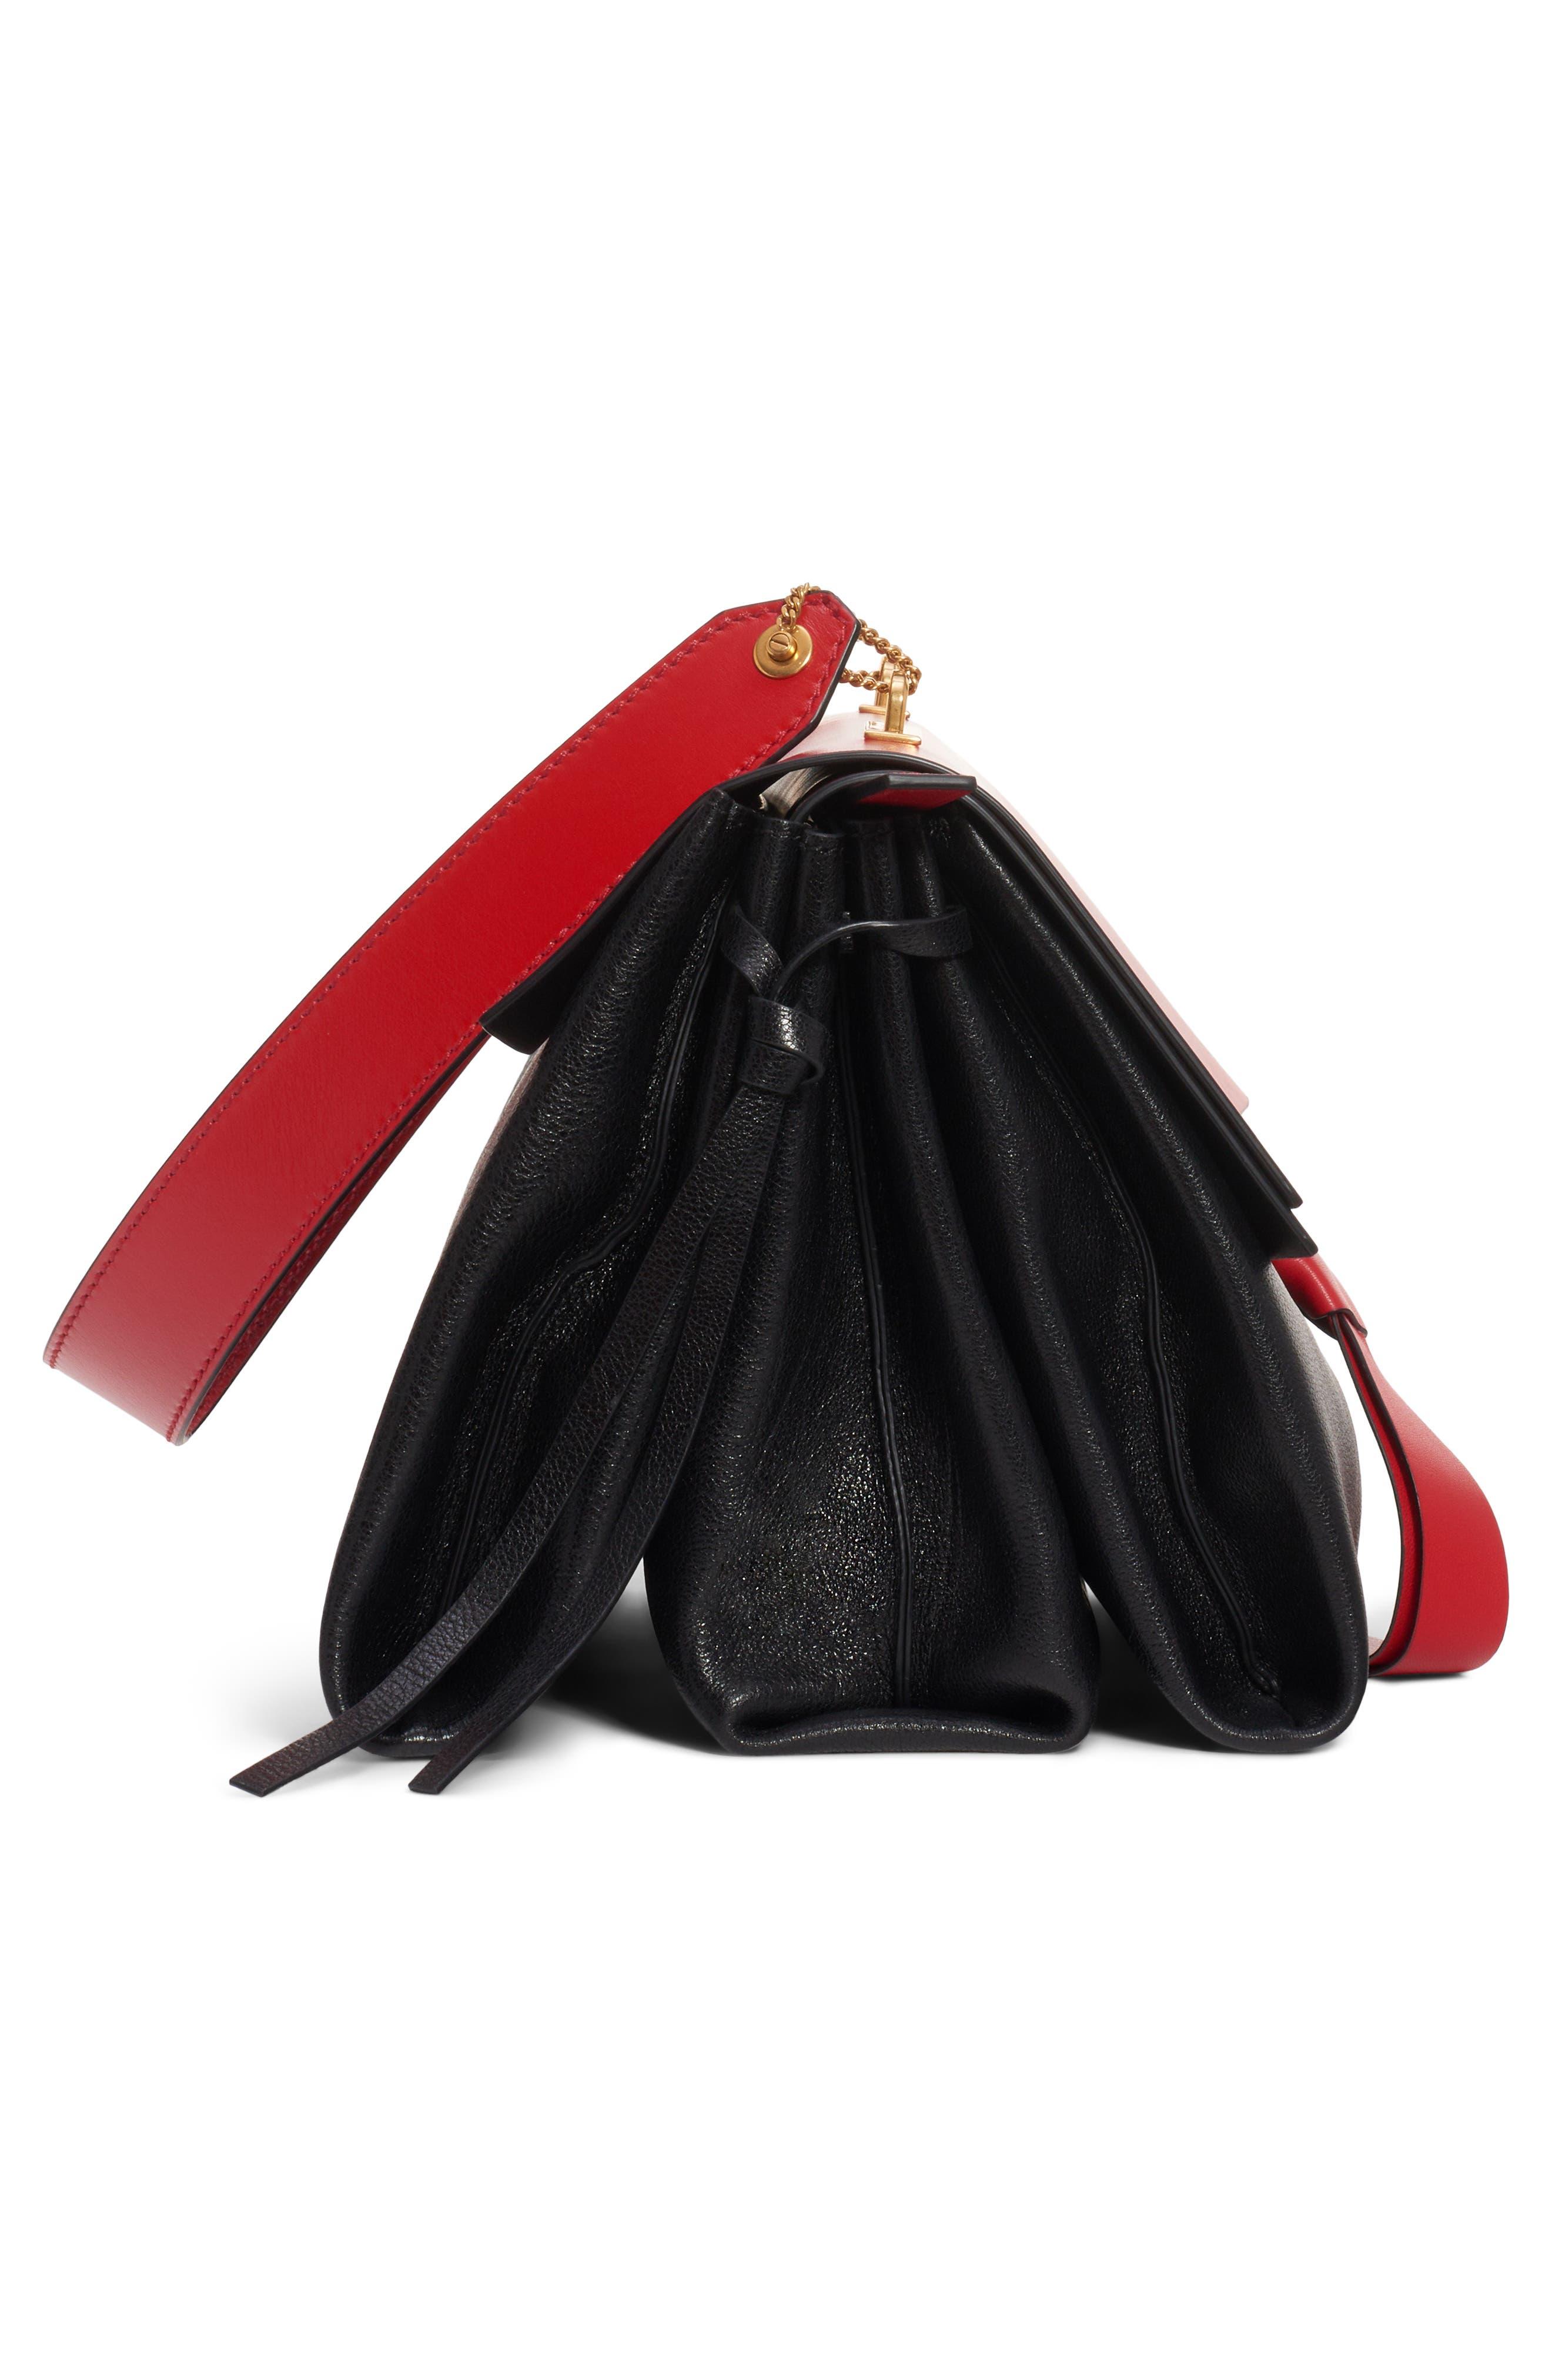 Medium V-Ring Leather Shoulder Bag,                             Alternate thumbnail 4, color,                             ROUGE PUR-CERISE/ NERO